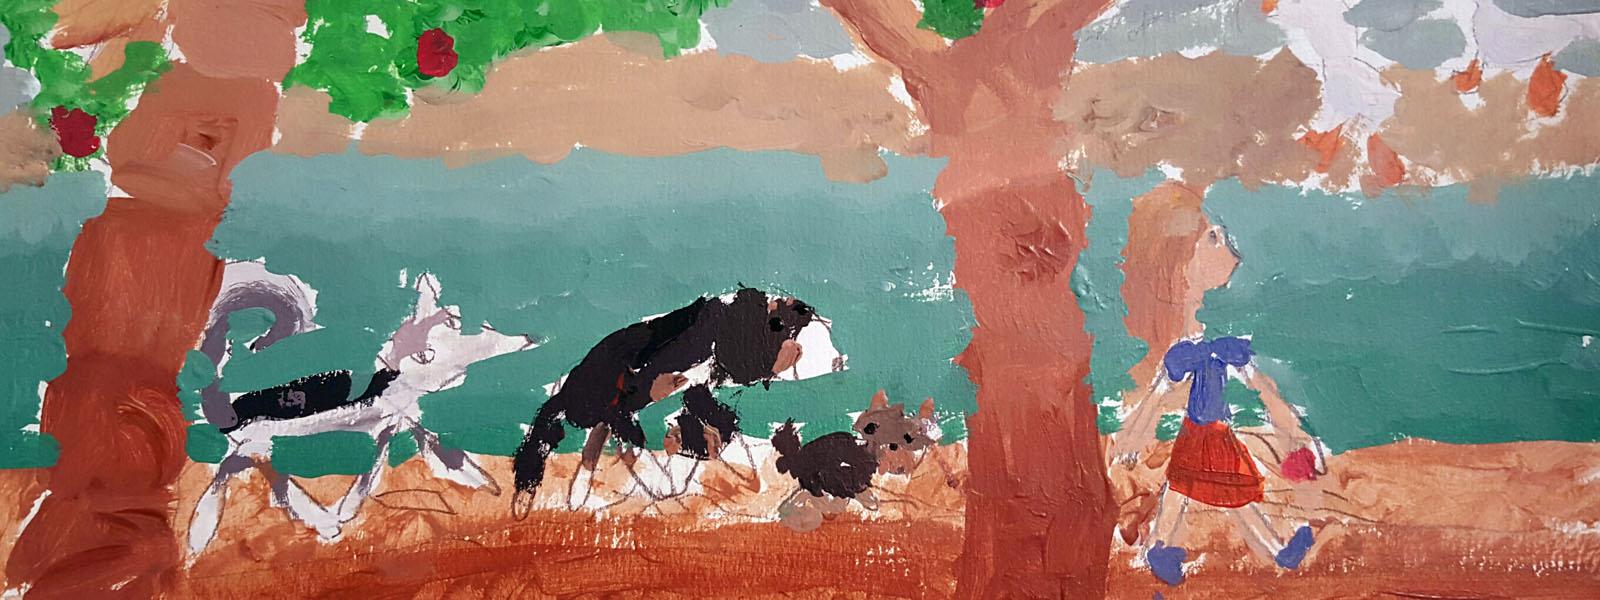 RB-arts - cours de peinture pour enfant